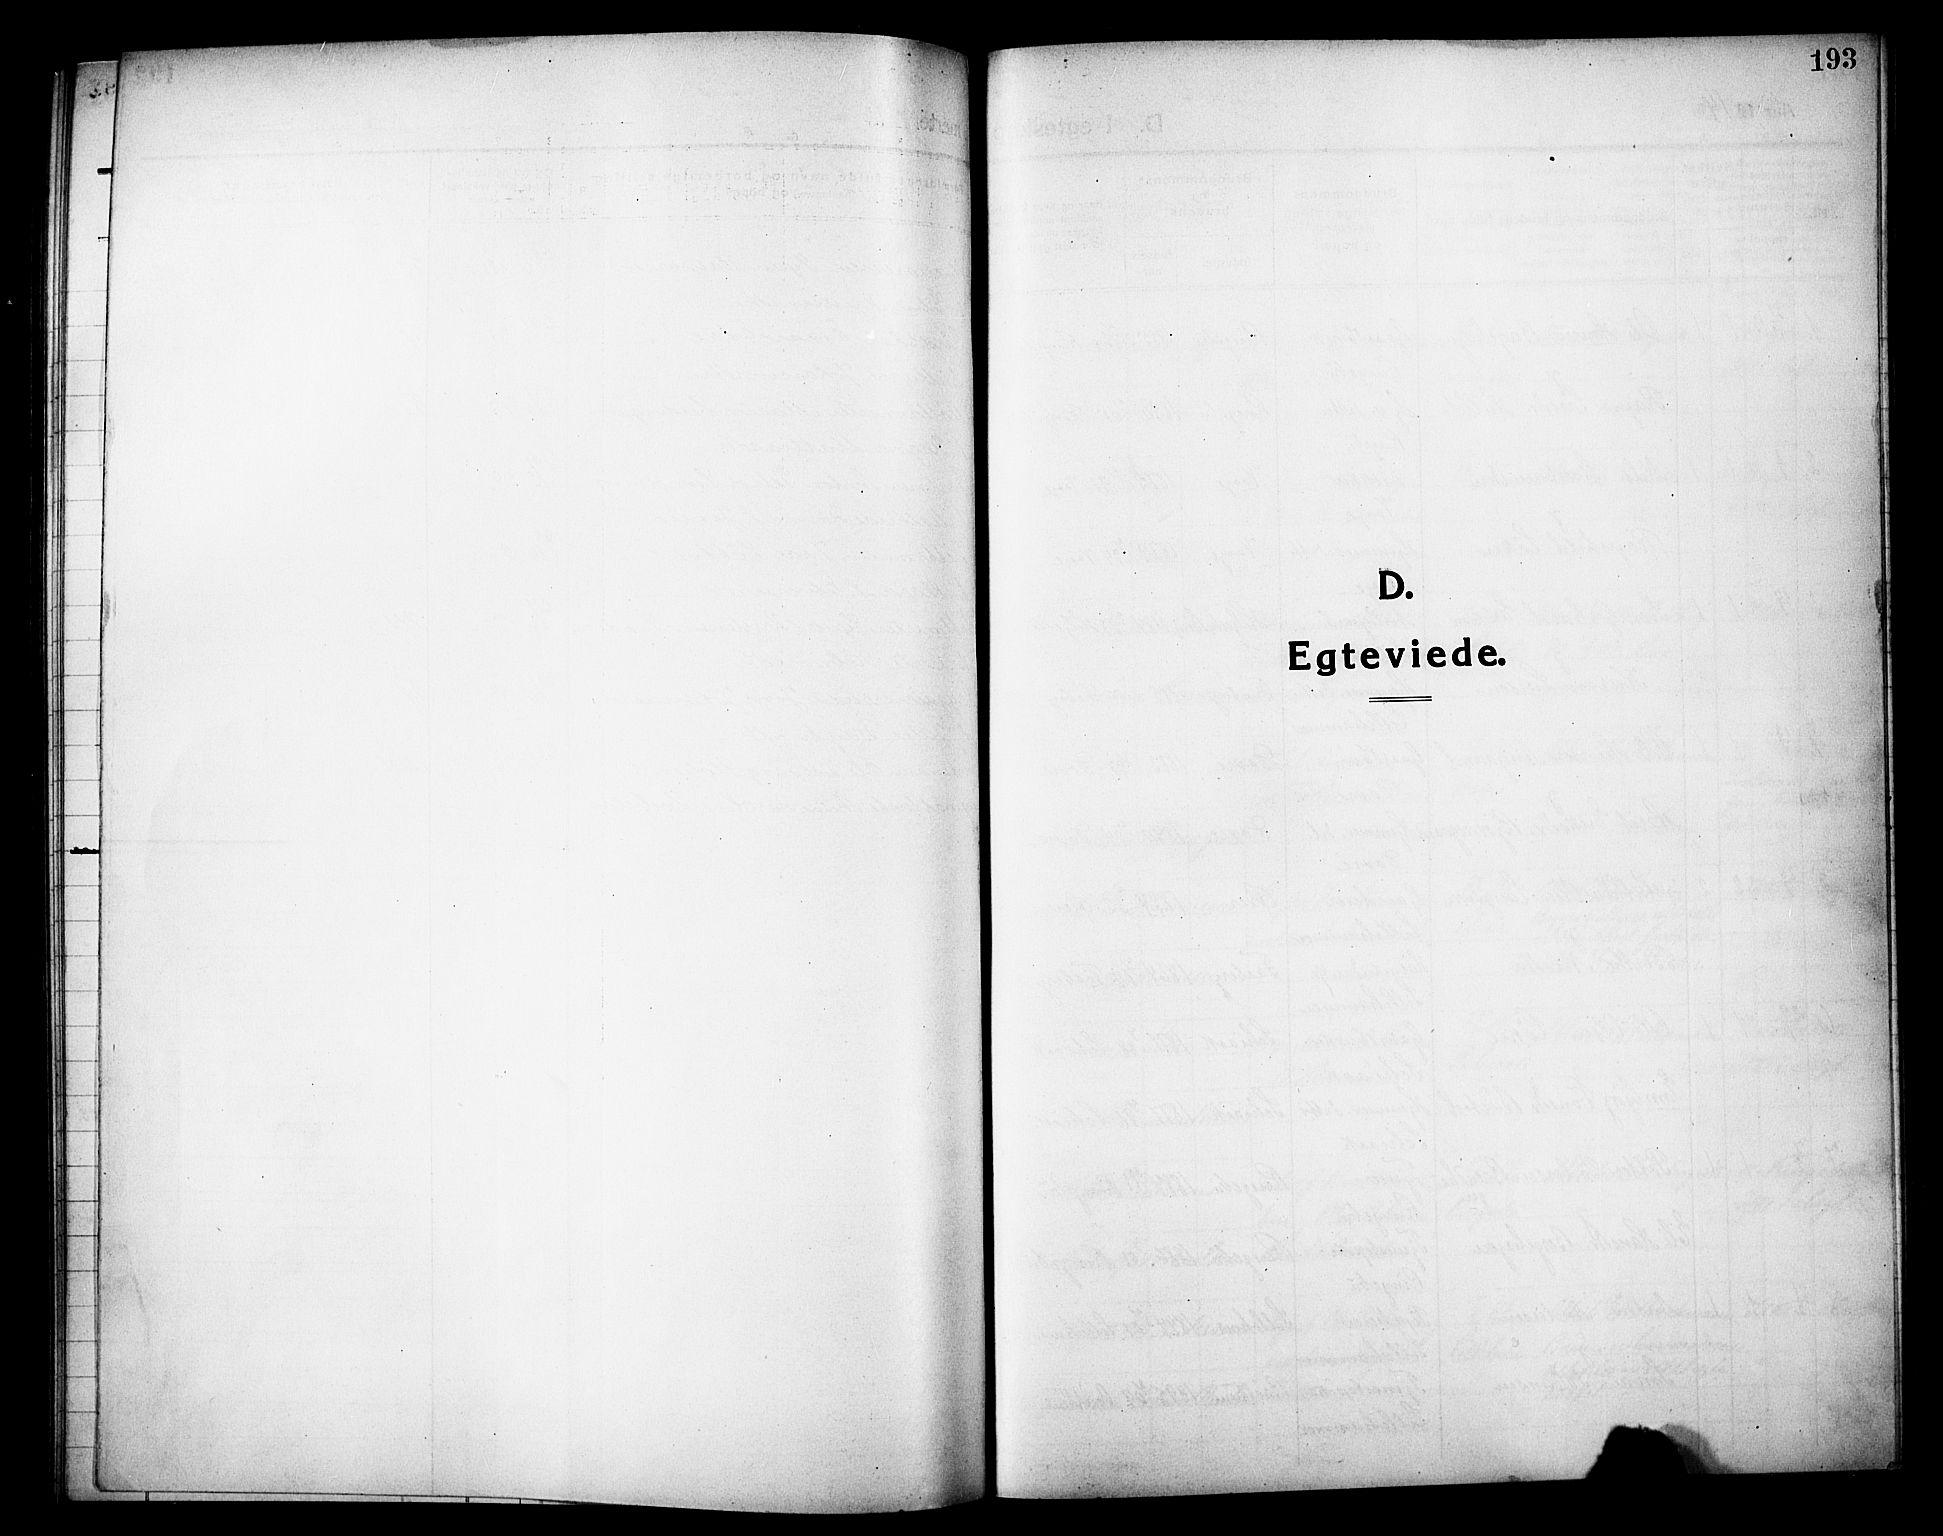 SAH, Lillehammer prestekontor, Klokkerbok nr. 2, 1913-1929, s. 193